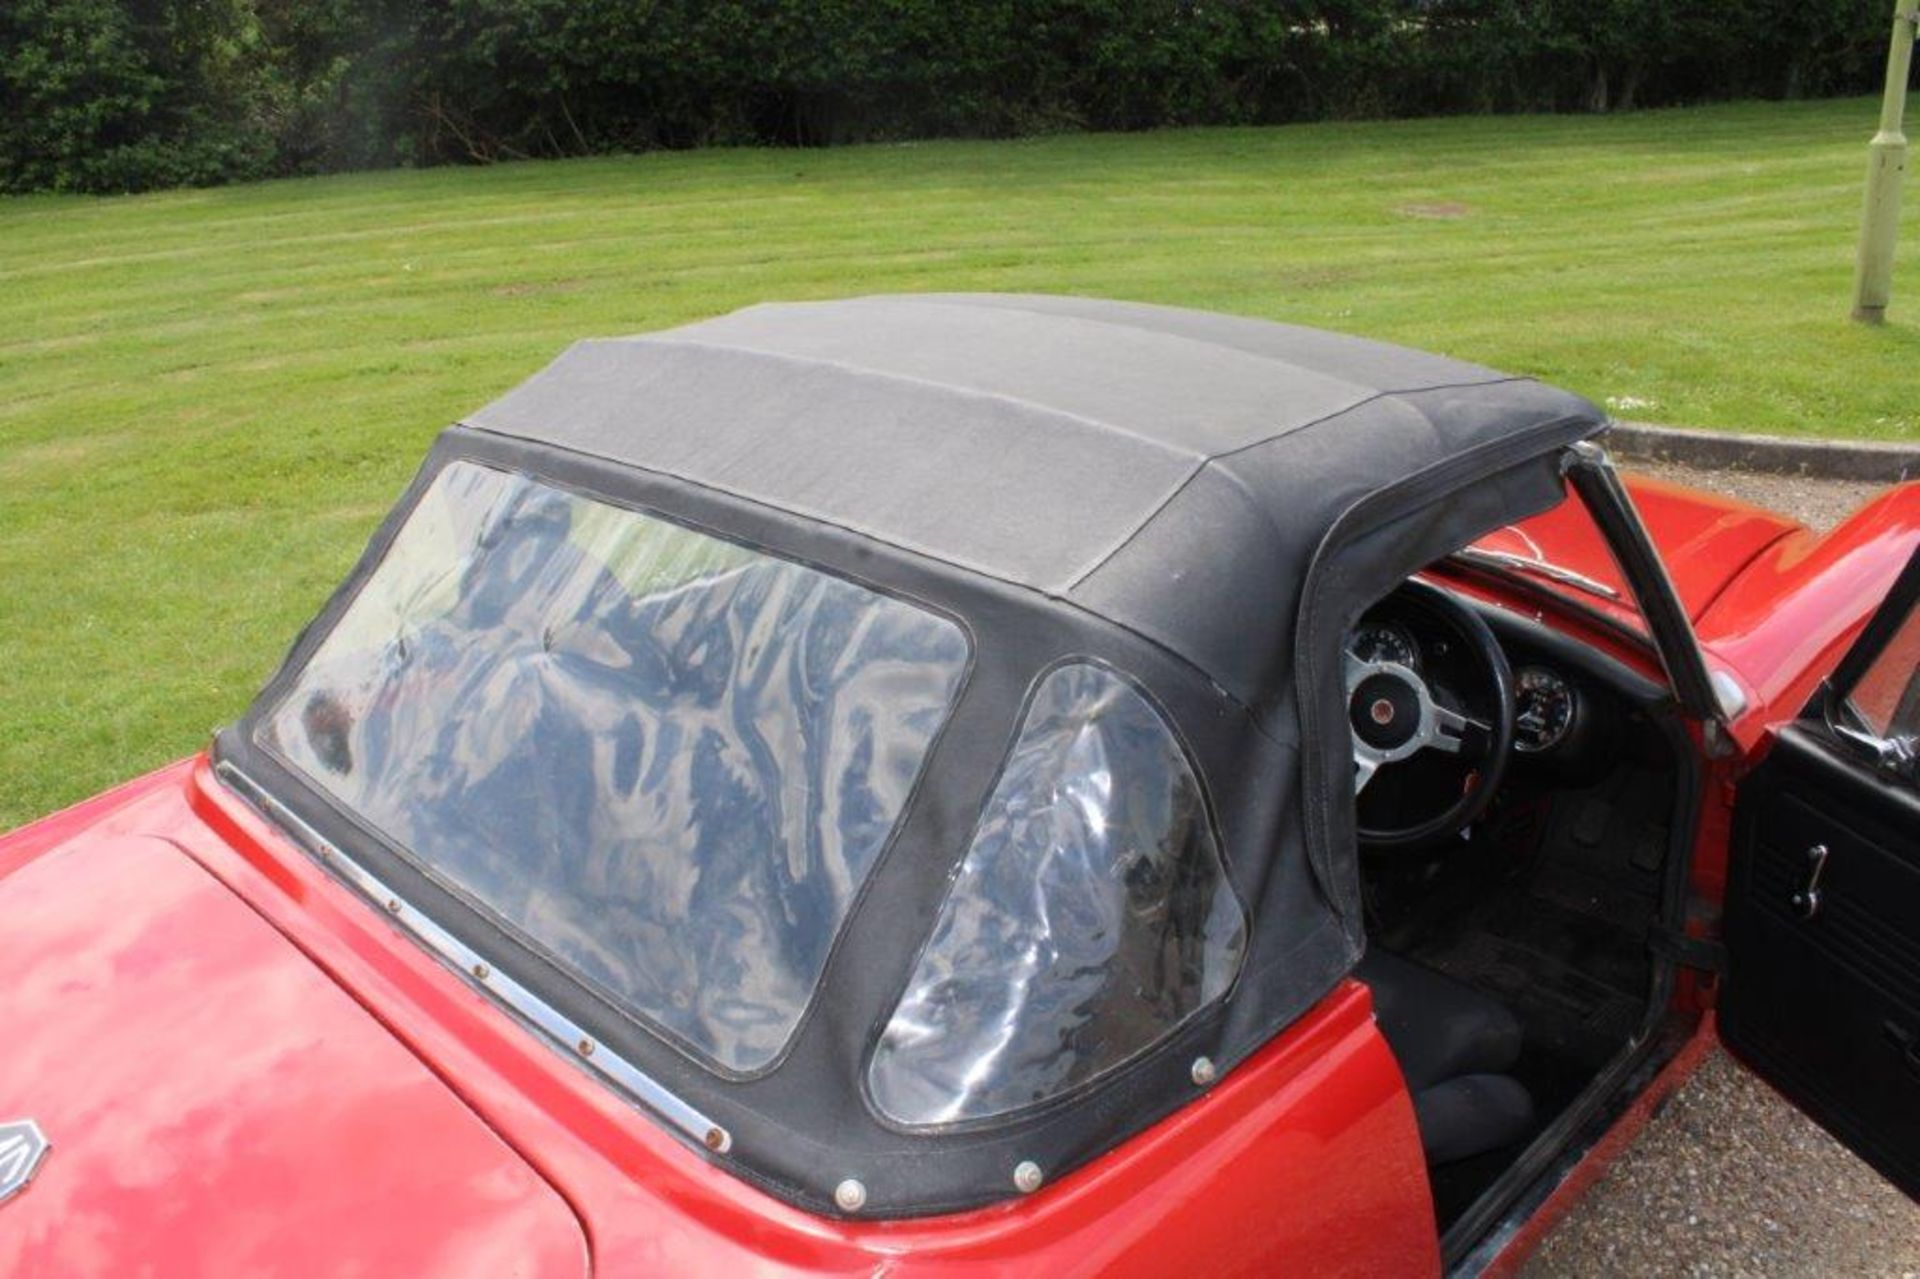 1973 MG Midget MK III - Image 24 of 25